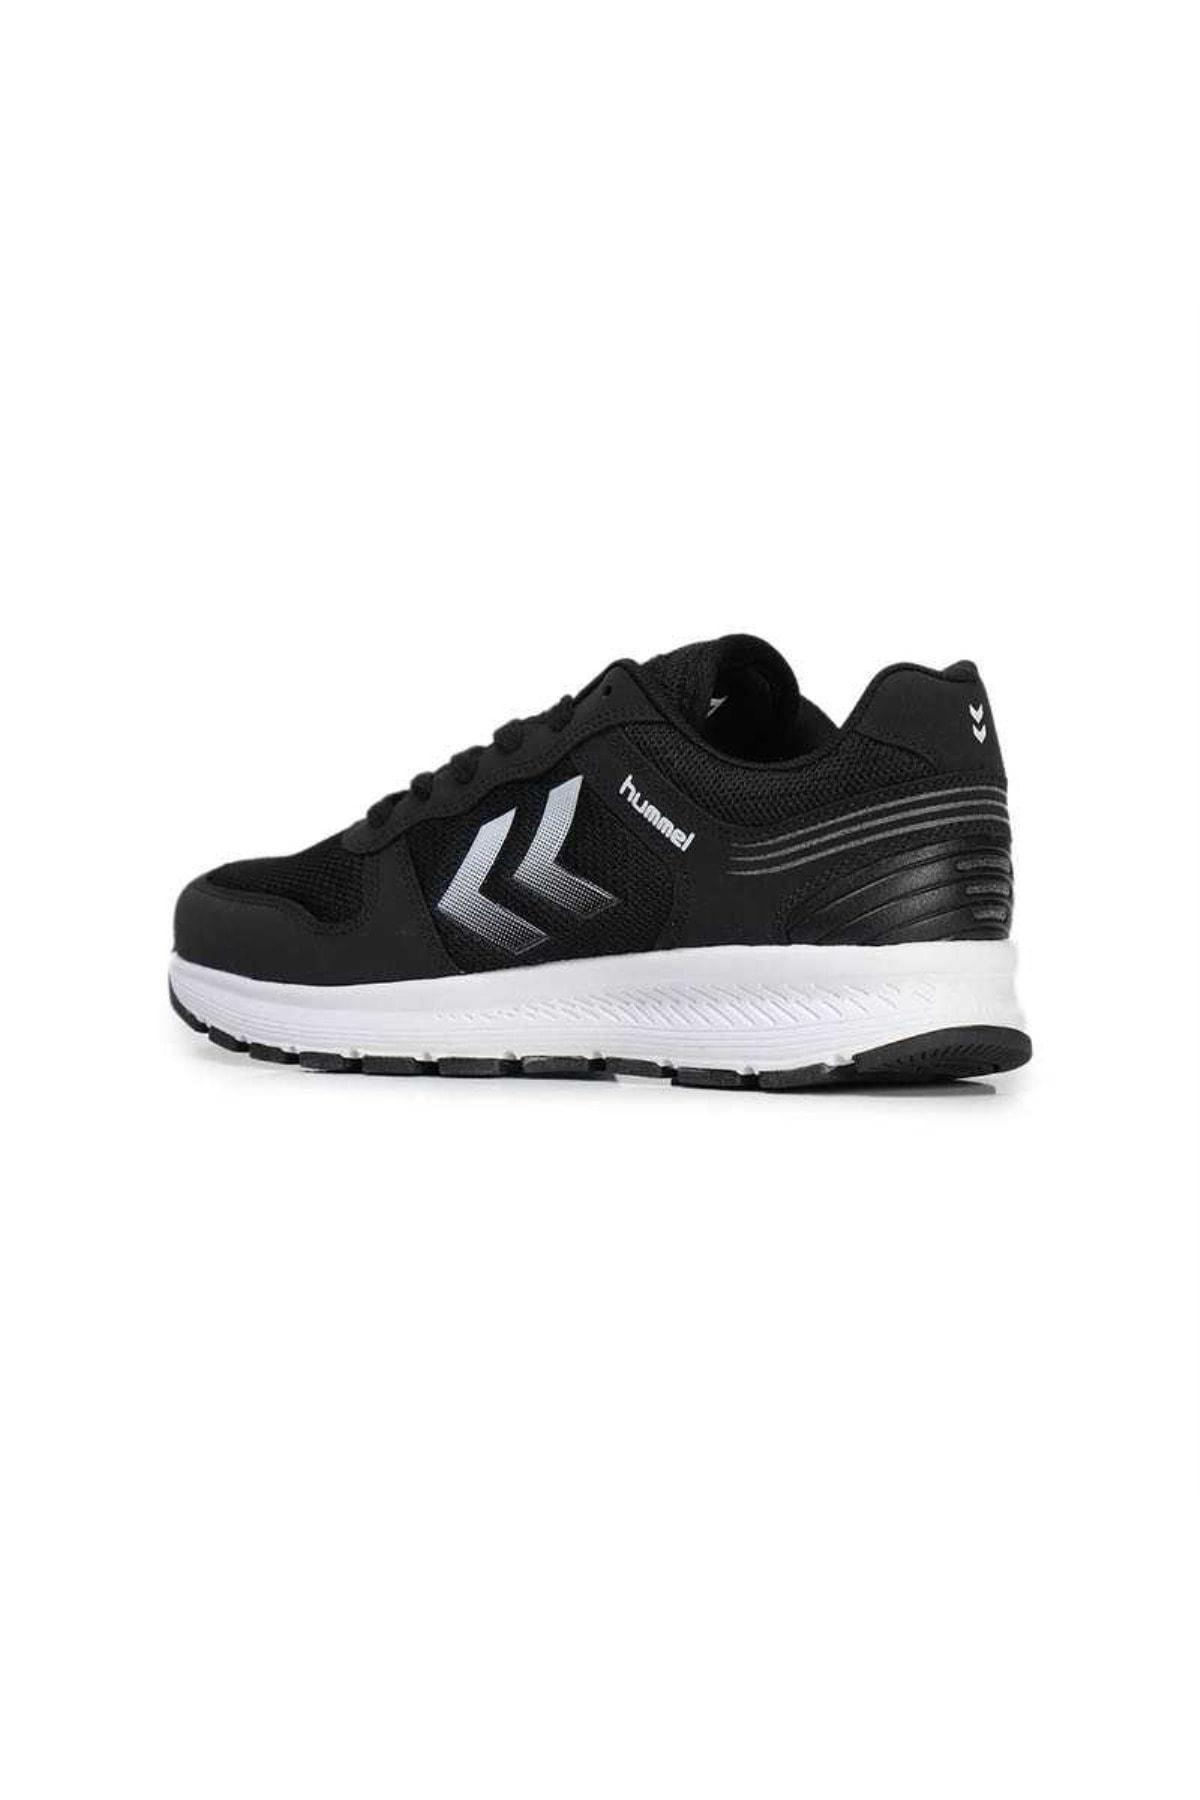 HUMMEL PORTER-1 Siyah Kadın Koşu Ayakkabısı 100551098 2